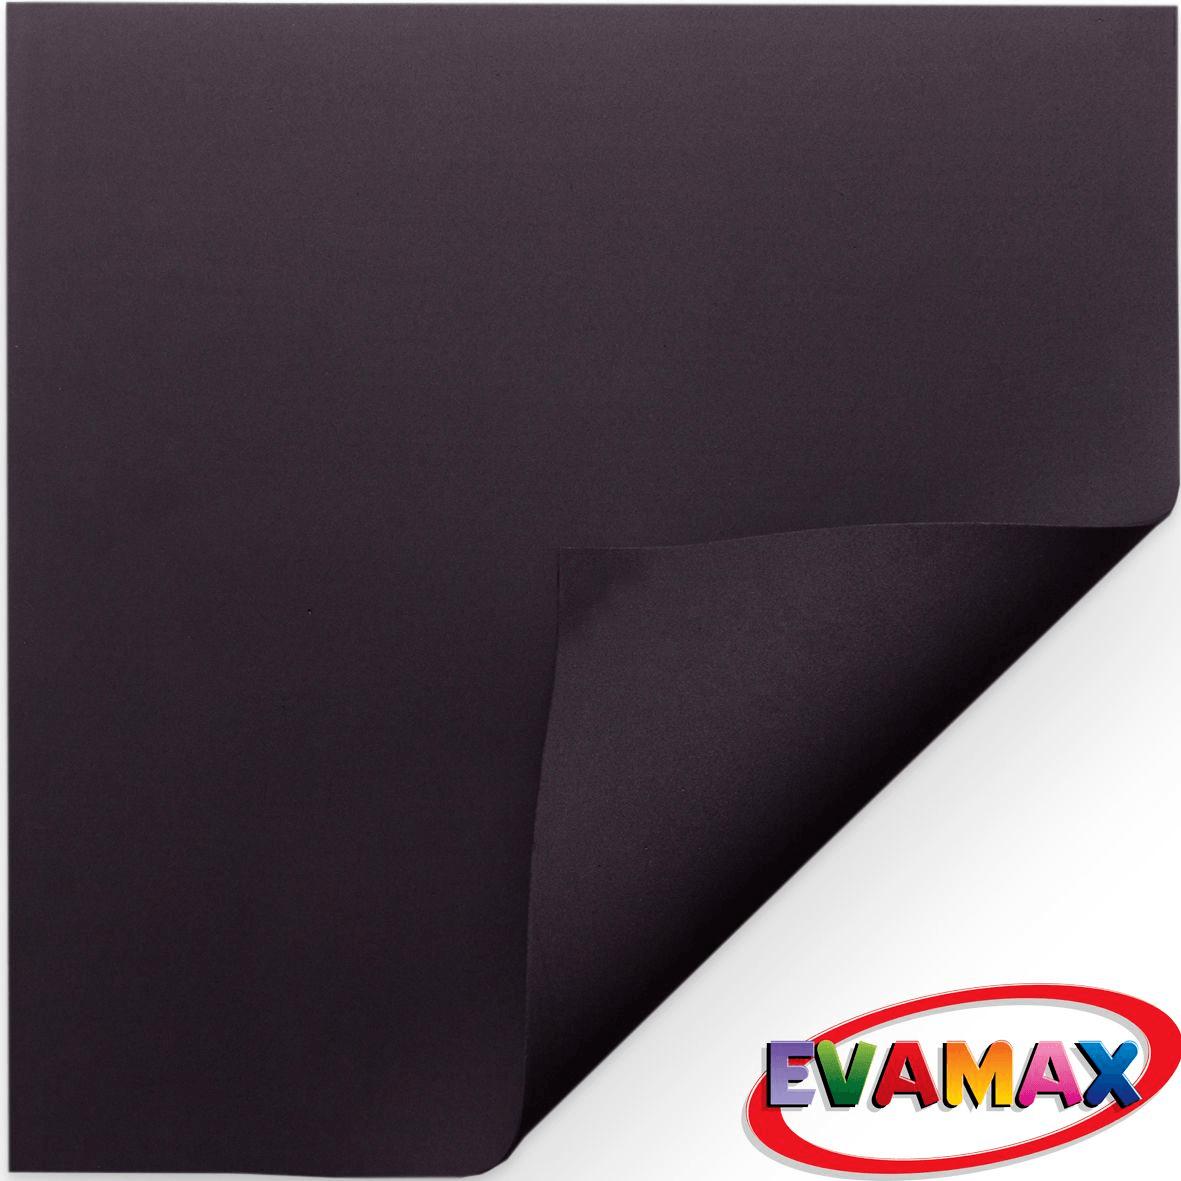 EVA placa Liso 48 X 40 cm - Preto